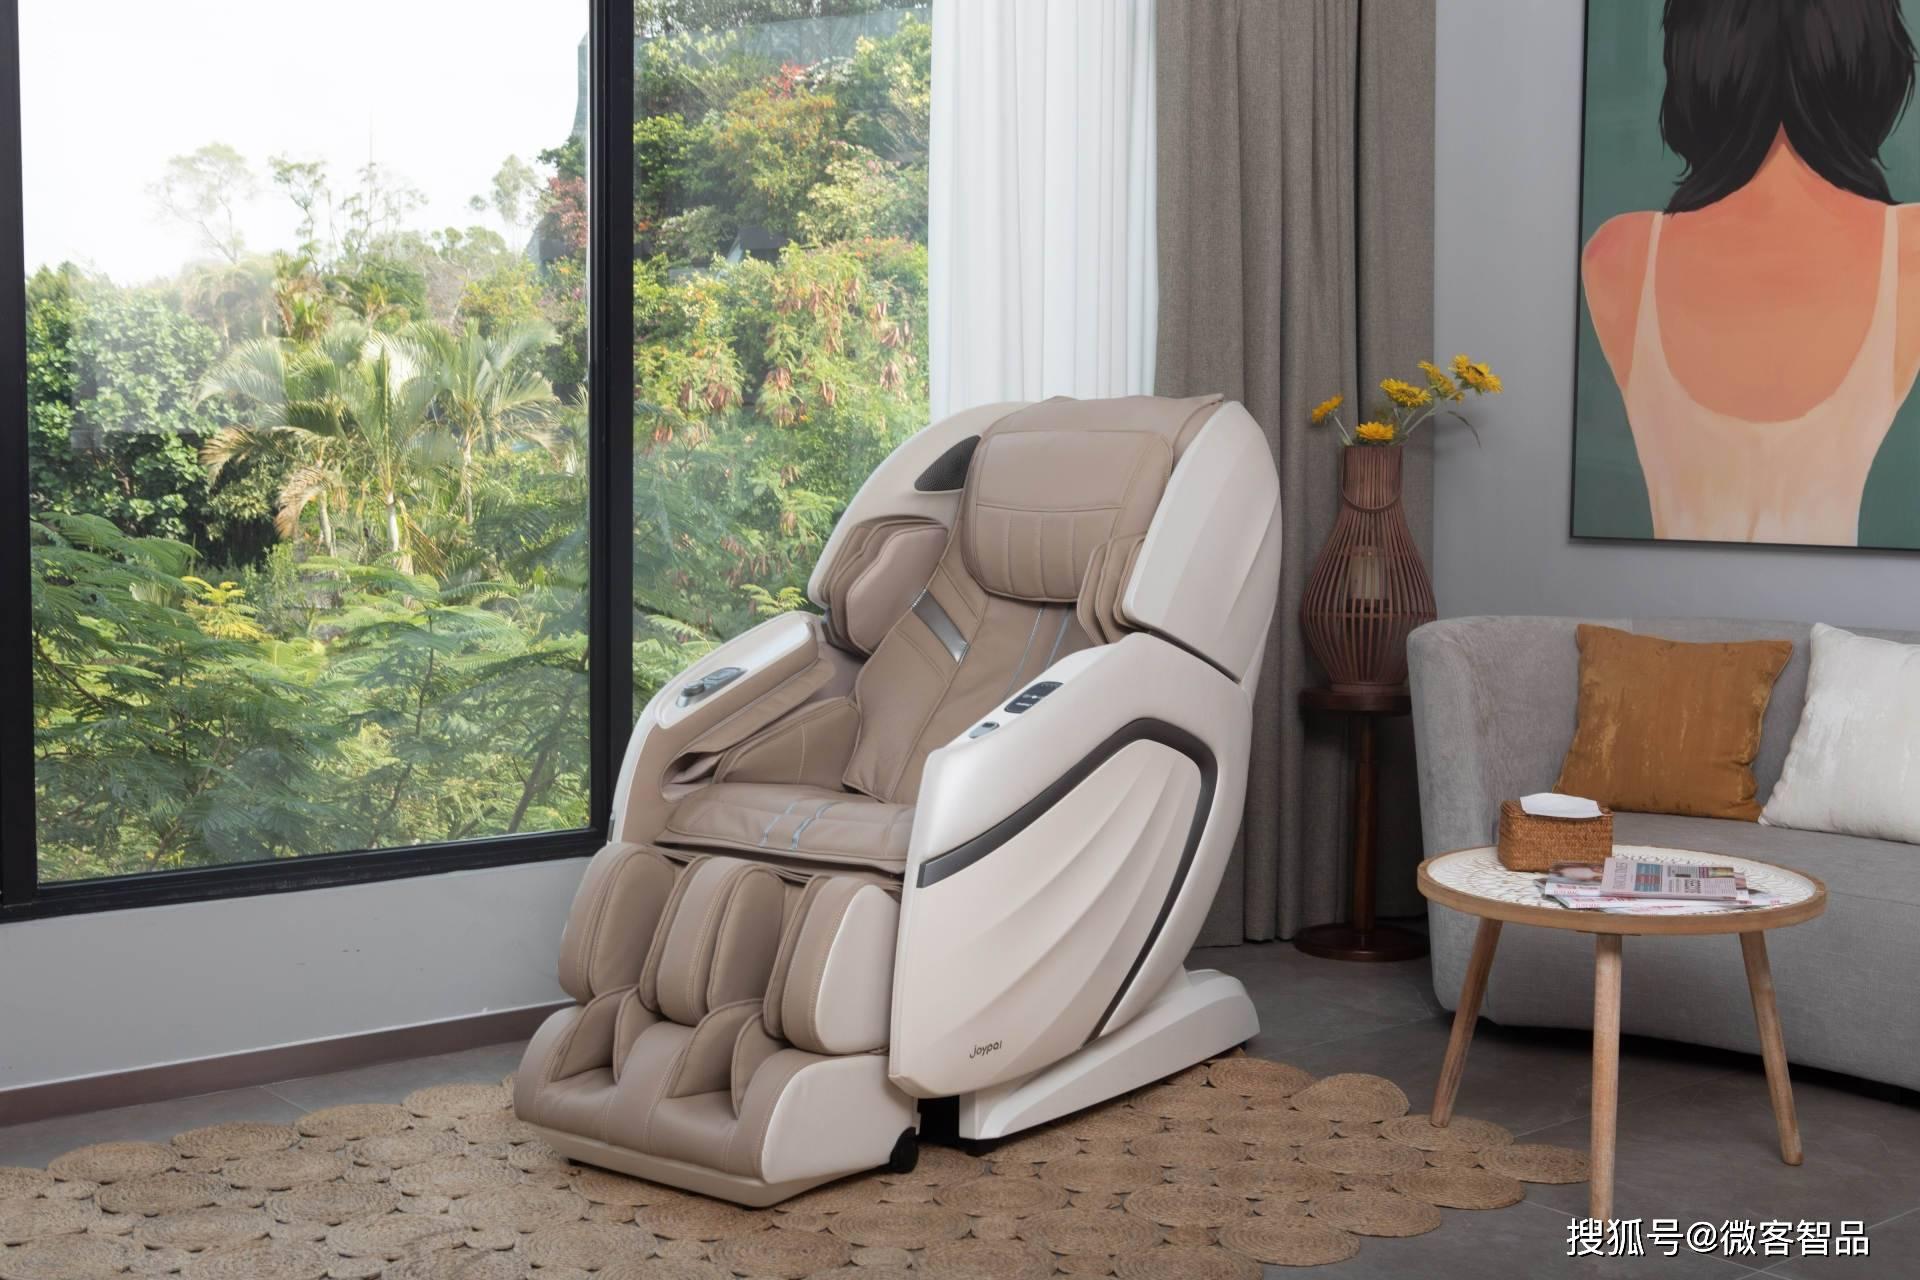 智慧新升级!joypal  AI云享至尊按摩椅:引领科技舒适体验